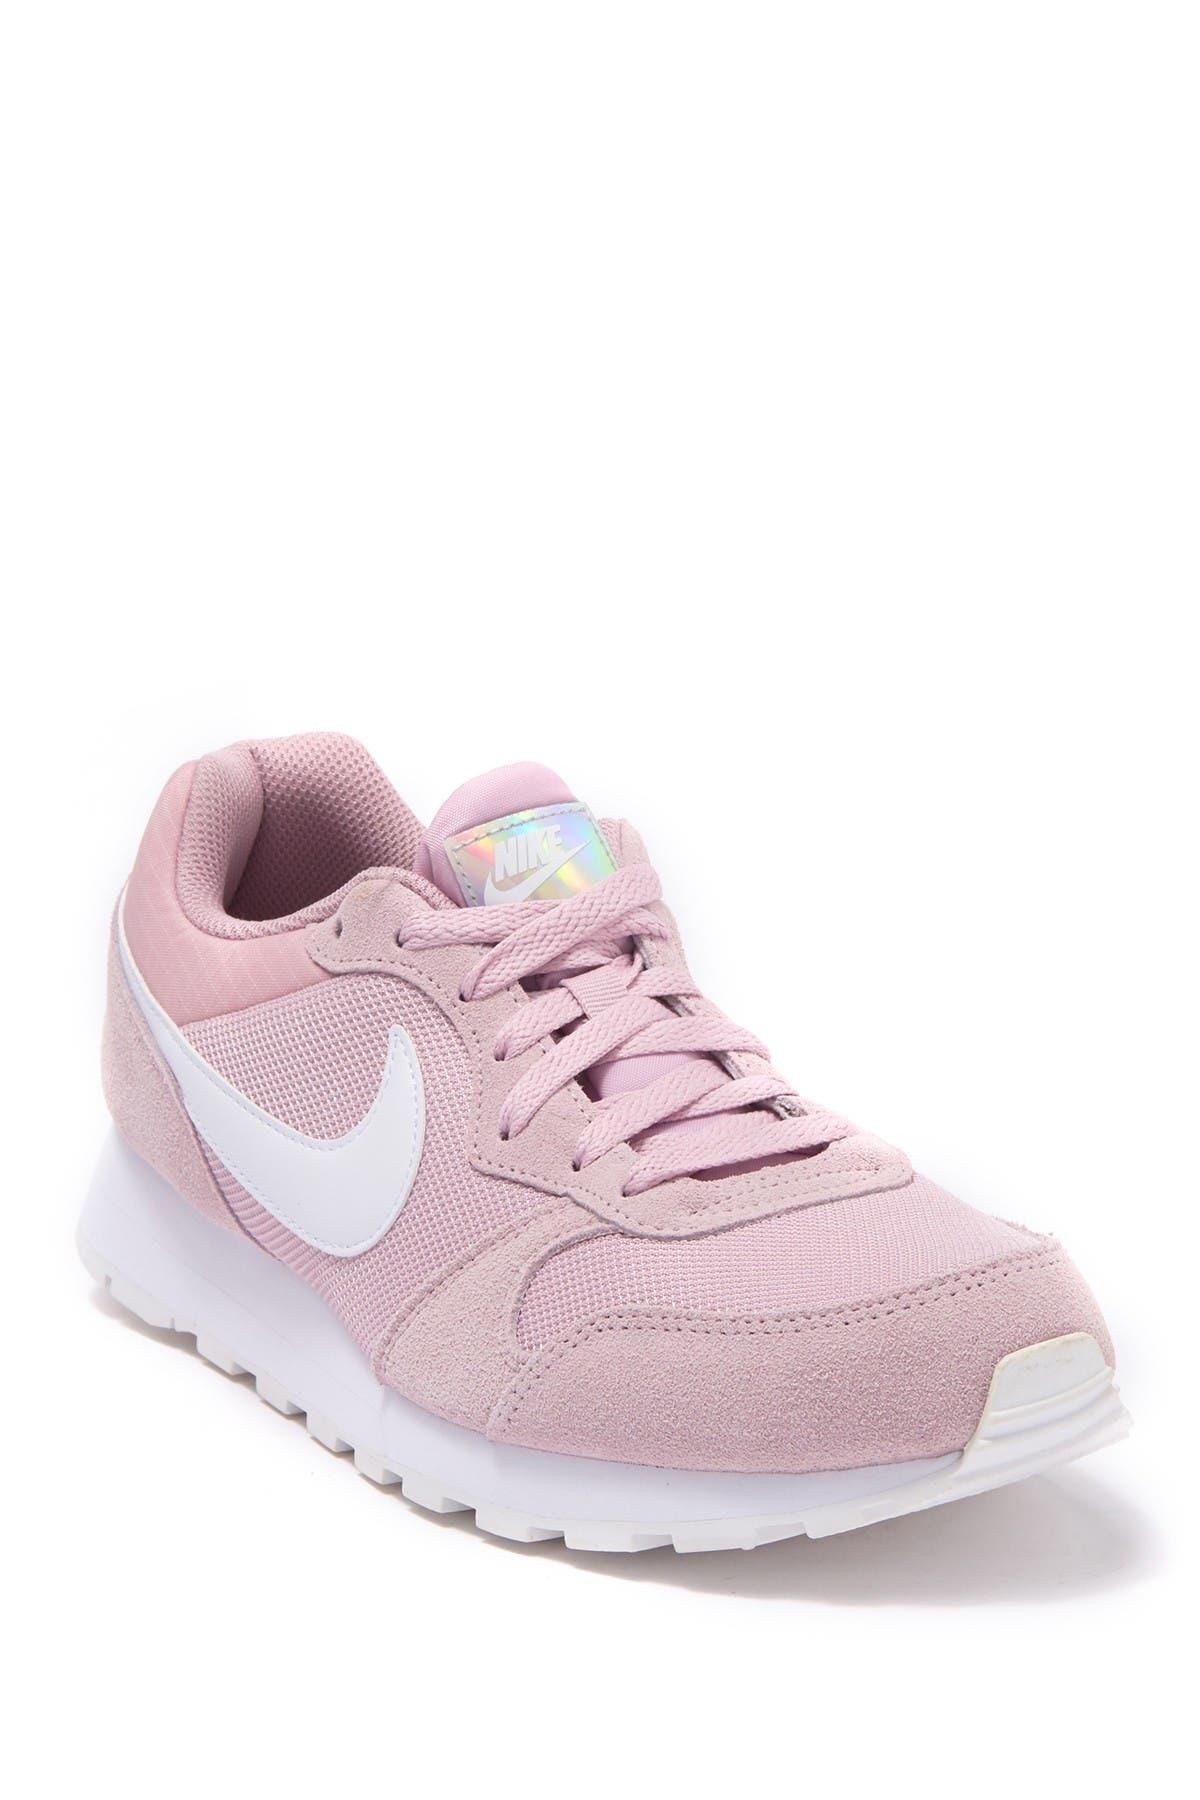 Image of Nike MD Runner 2 Sneaker